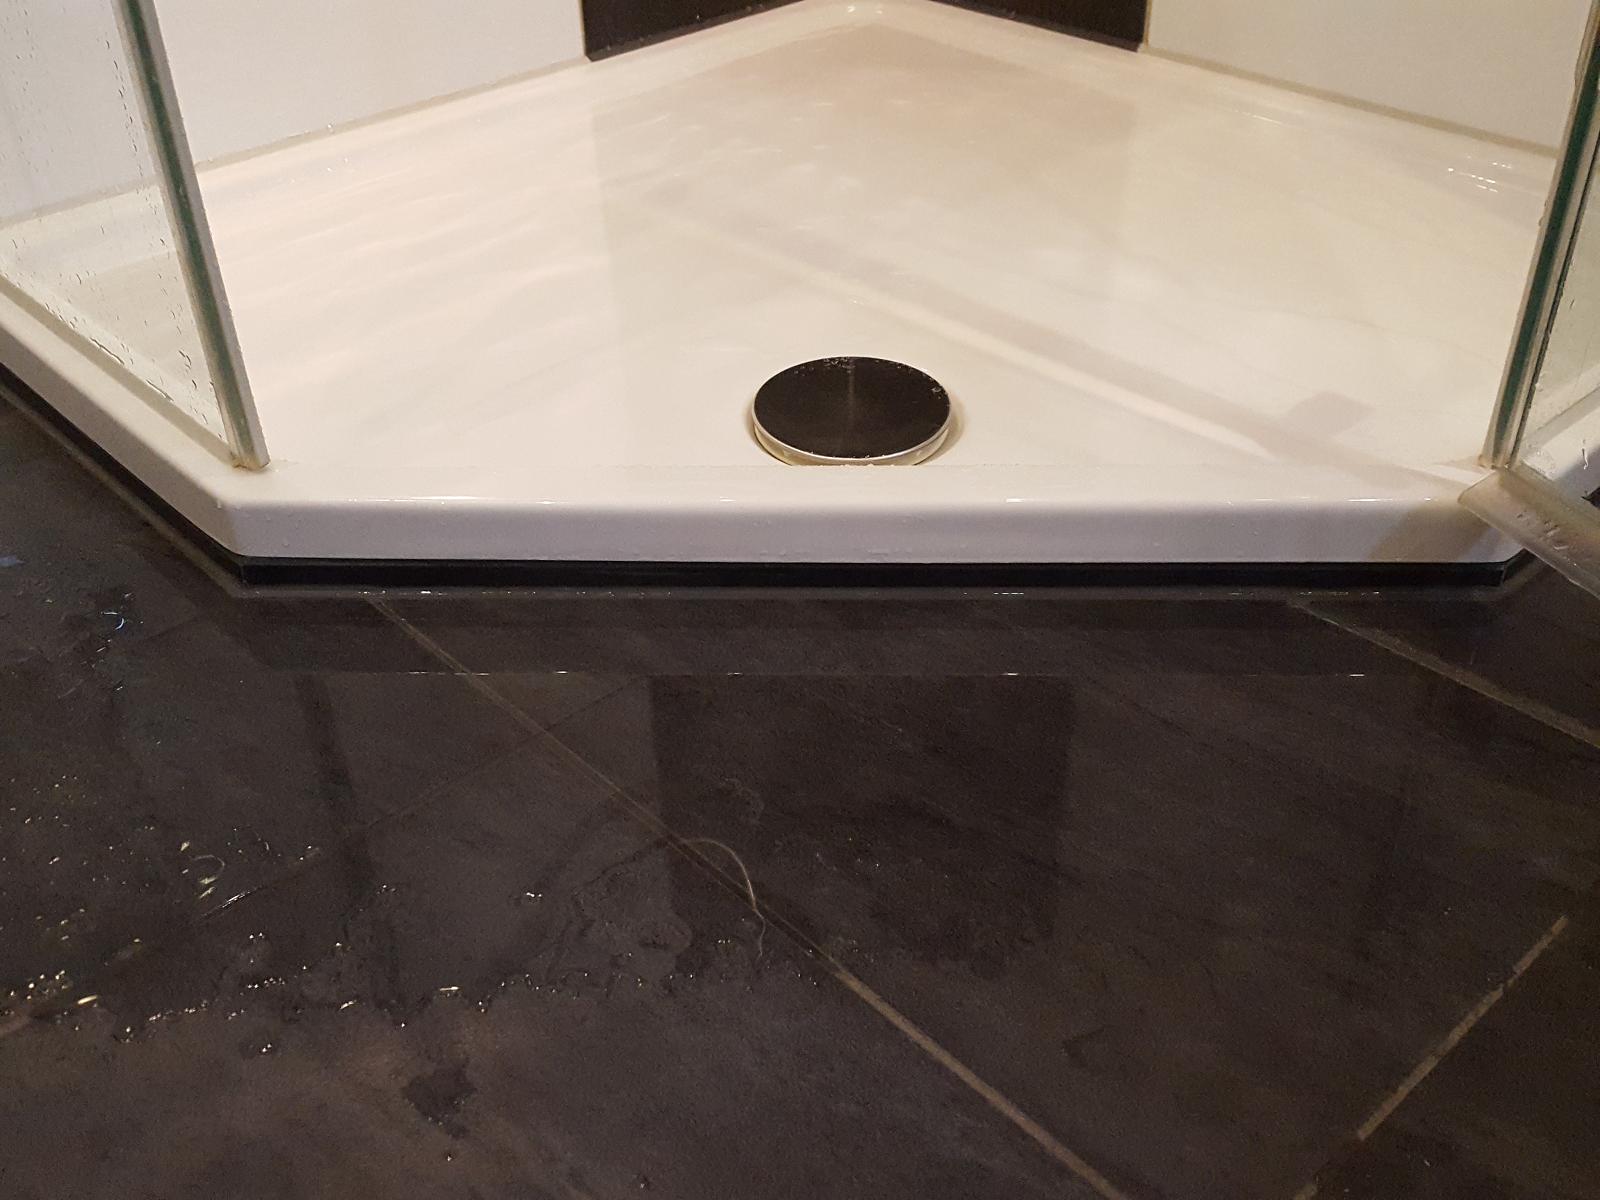 Full Size of Bodengleiche Dusche Nachtrglich Installieren Vorteile Breuer Duschen Glaswand Antirutschmatte Begehbare Ohne Tür Fliesen Einbauen Eckeinstieg Siphon 90x90 Dusche Bodengleiche Dusche Einbauen